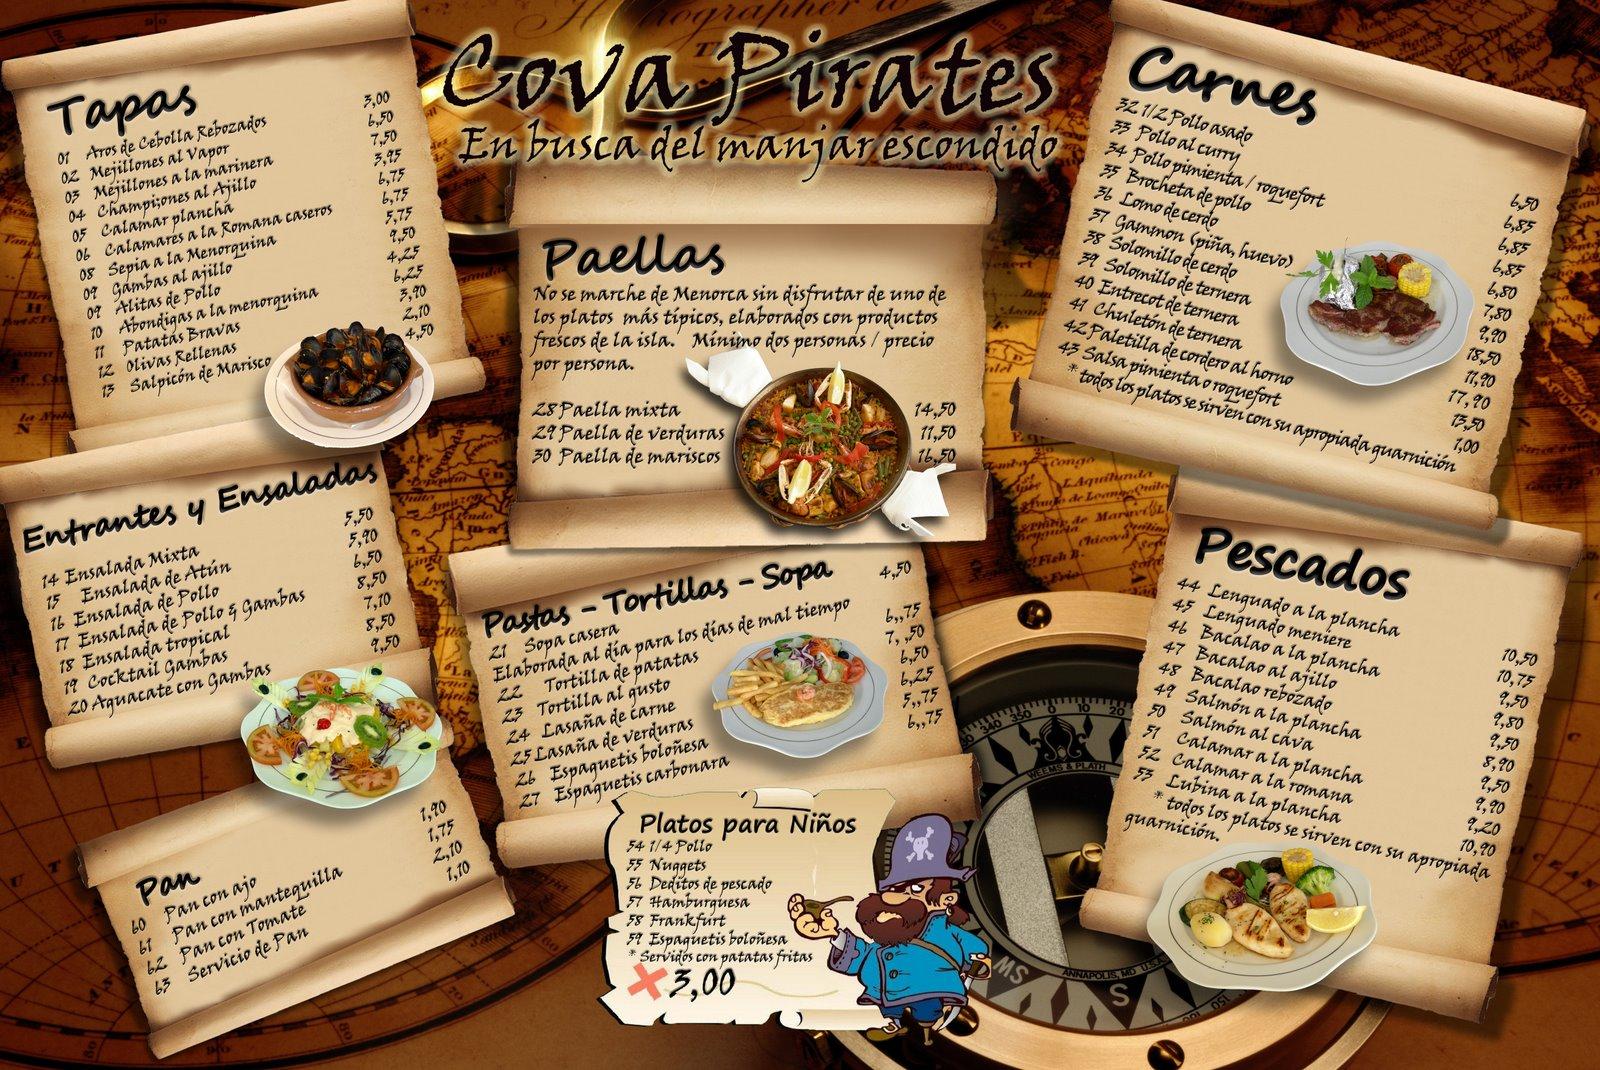 Dise o de cartas y menus francisortiz com for Disenos de menus para restaurantes